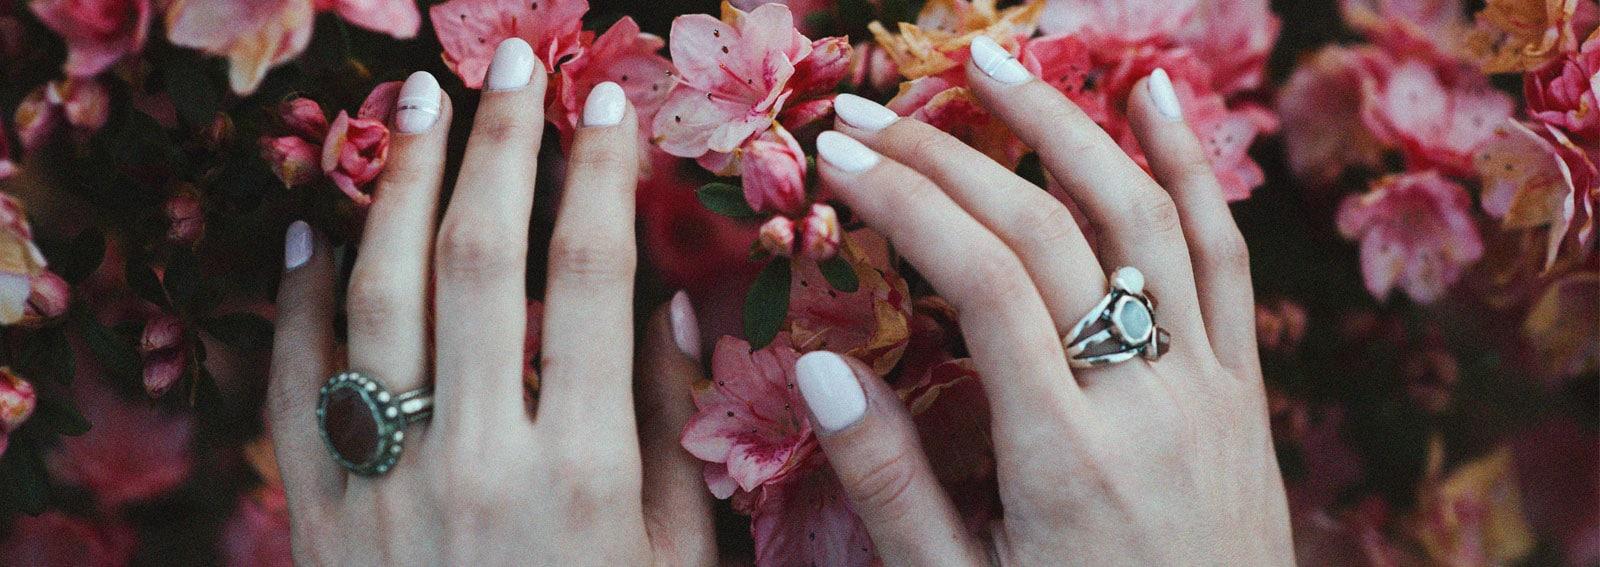 unghie-bianche-nail-art-manicure-COVER-DESKTOP-01